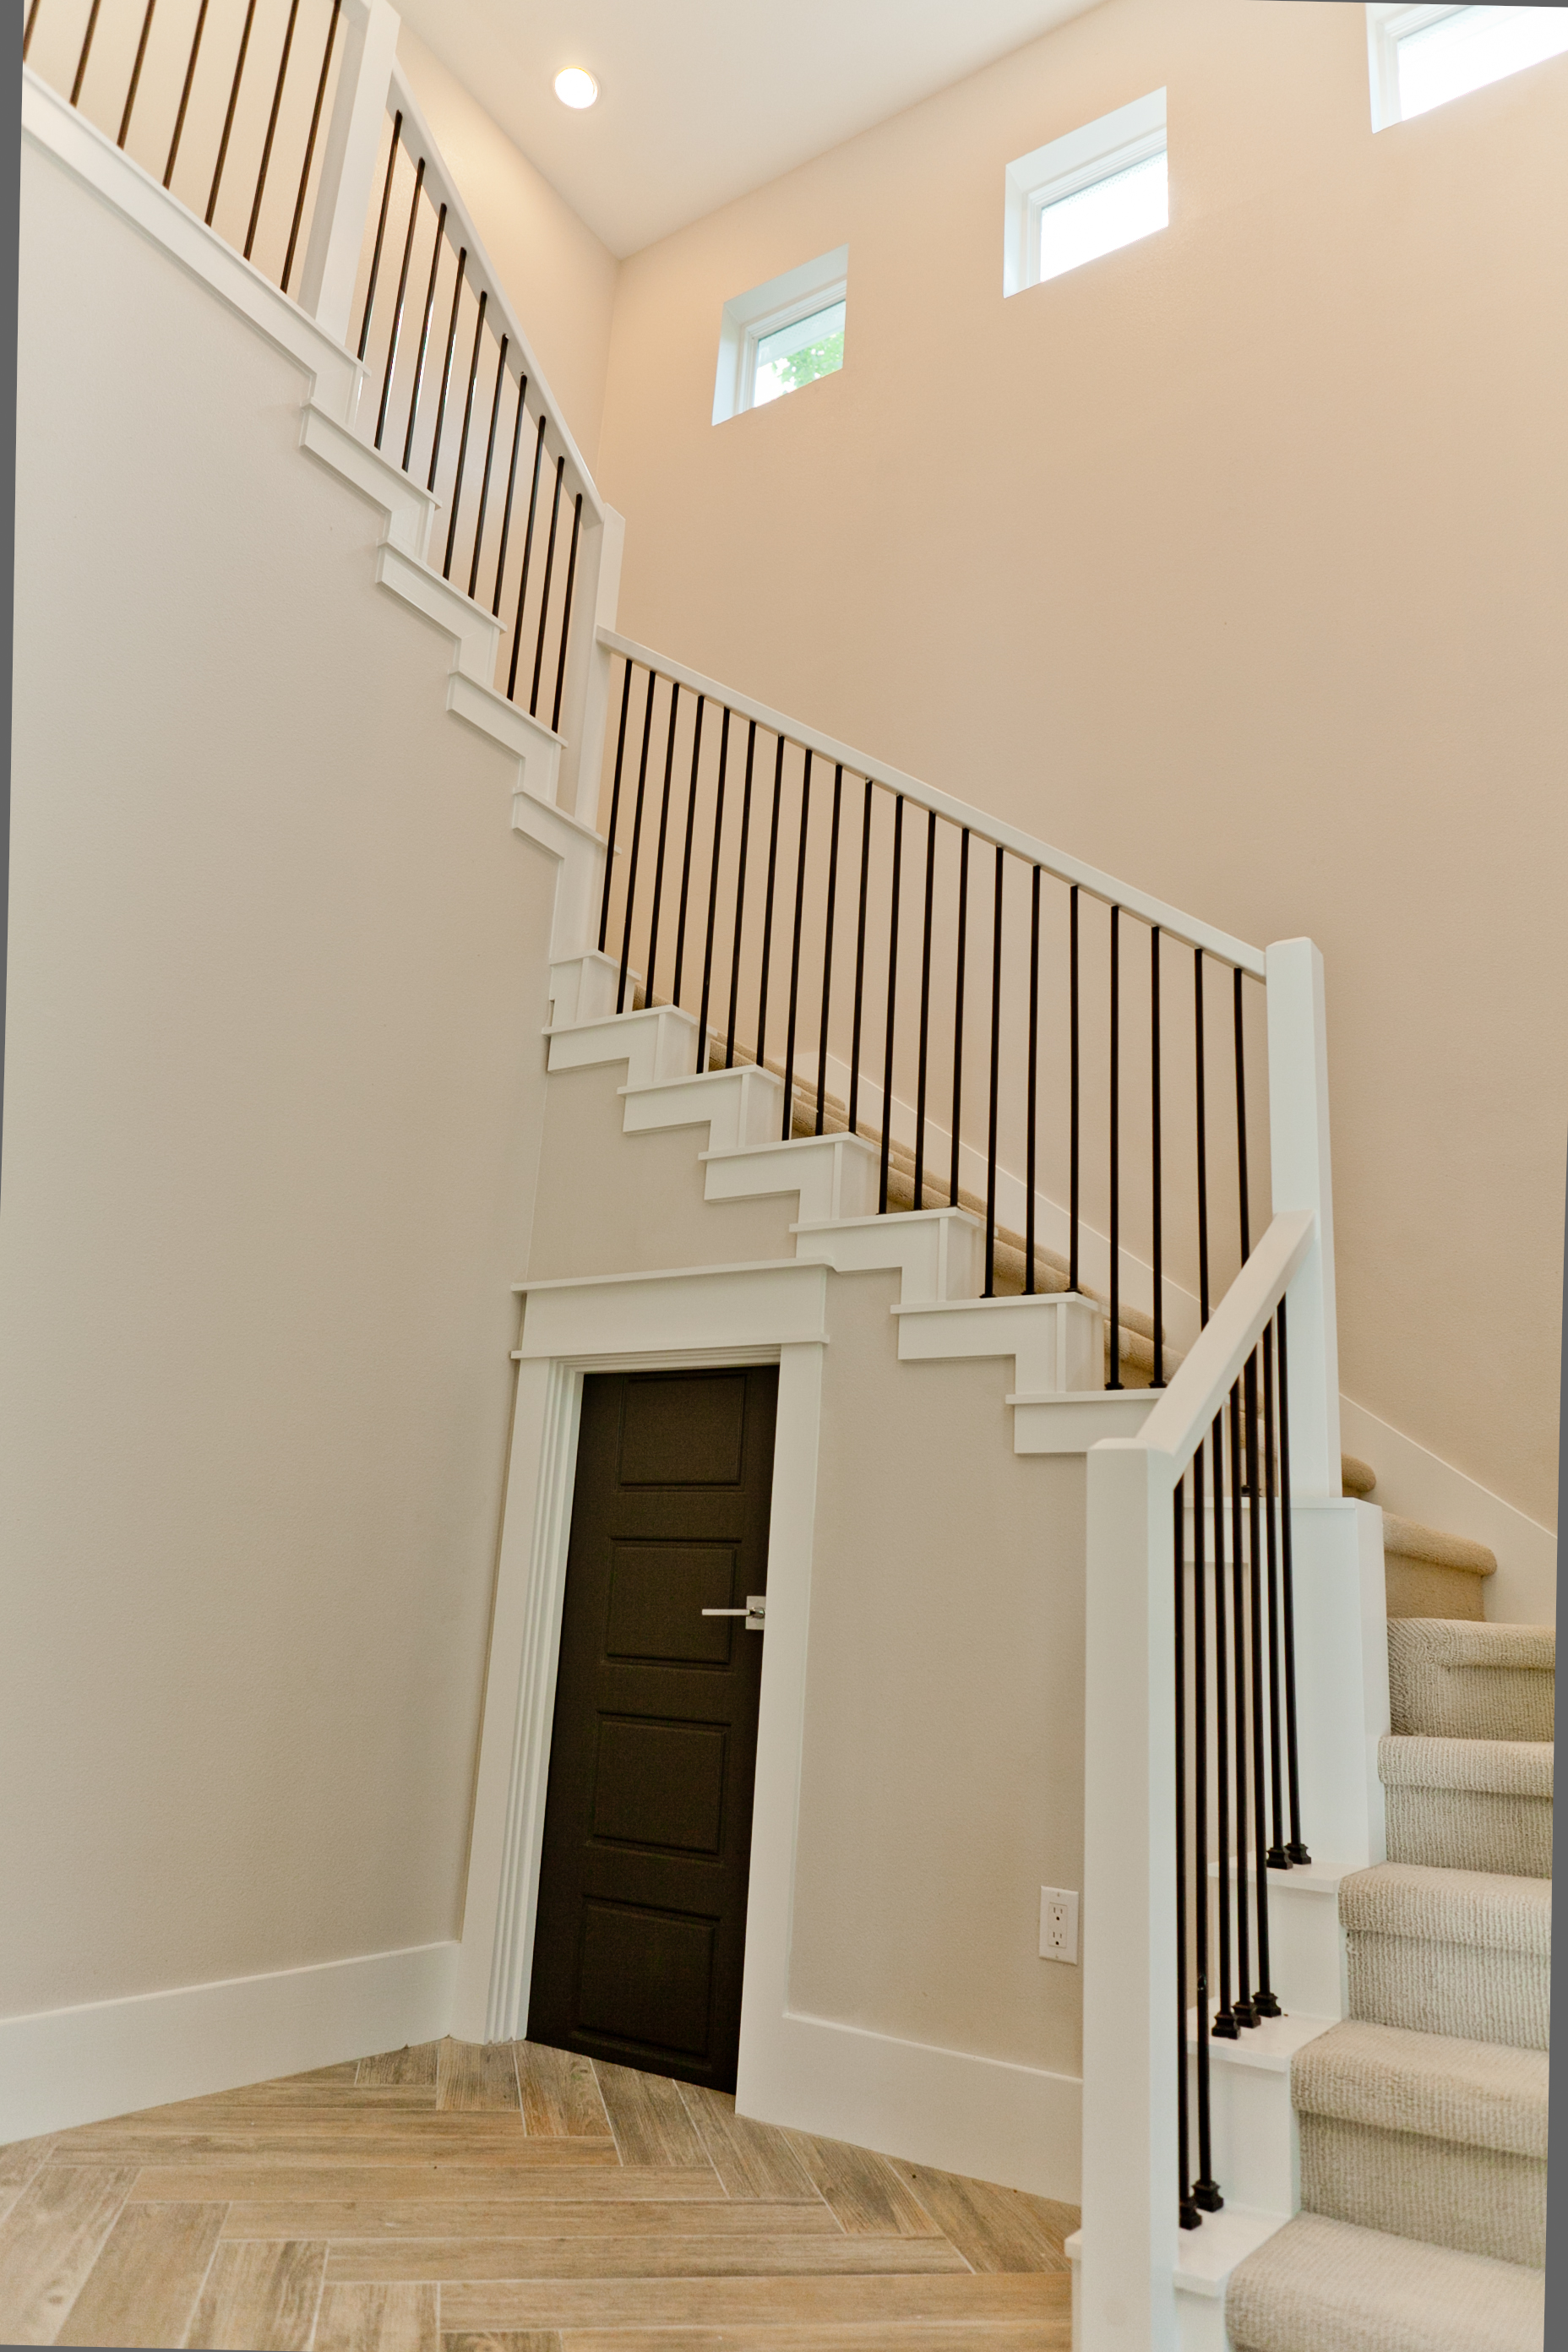 1 stairs_down.jpg